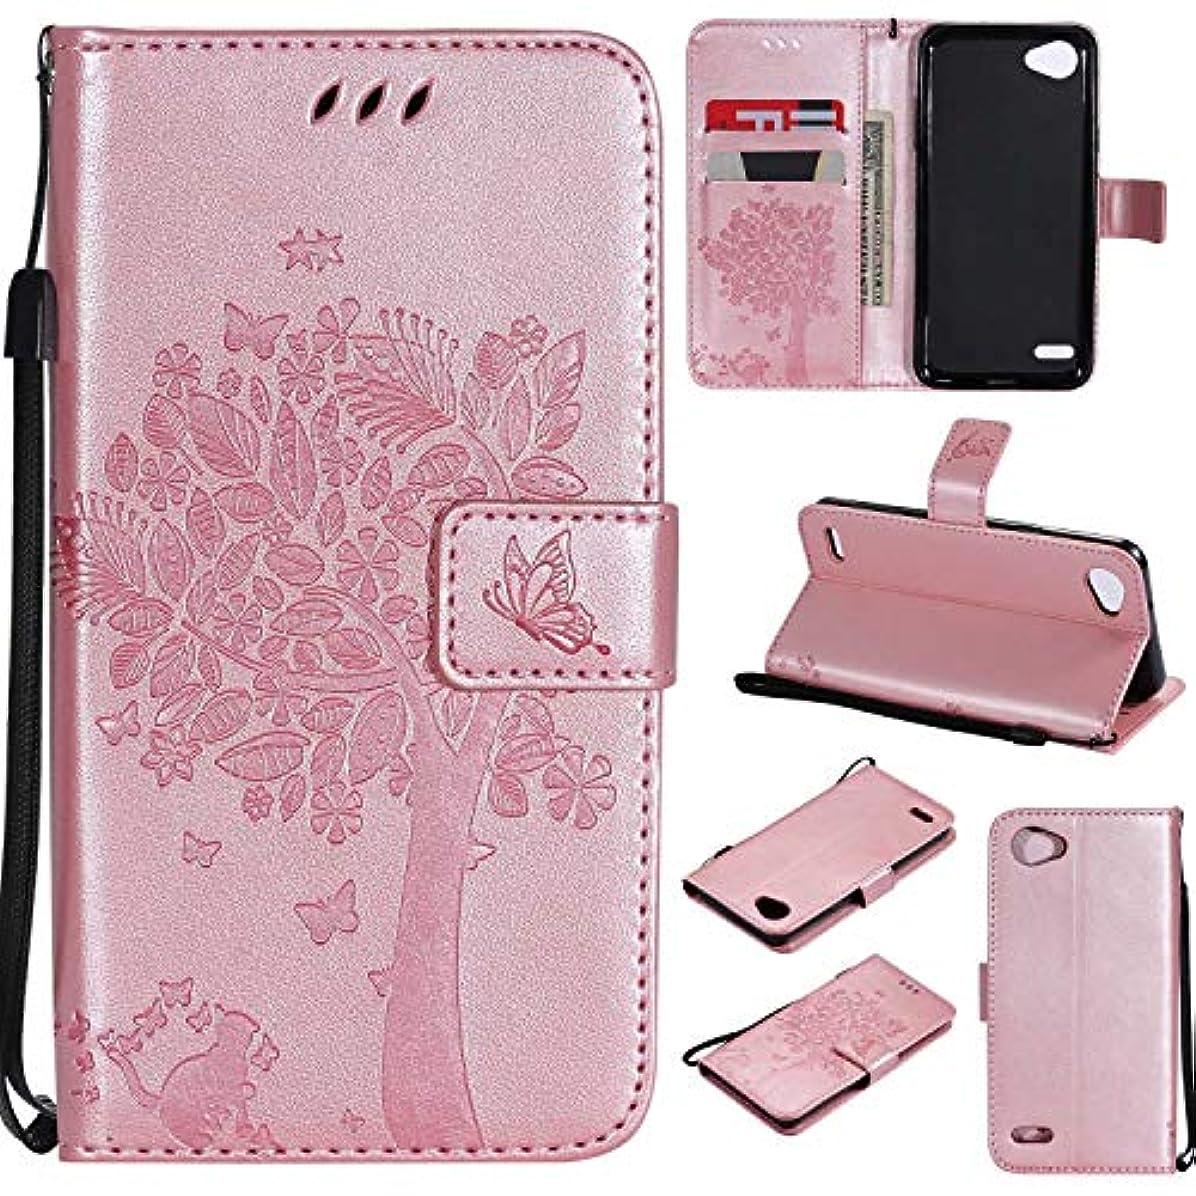 続編妨げる魅力的OMATENTI LG Q6 ケース 手帳型ケース ウォレット型 カード収納 ストラップ付き 高級感PUレザー 押し花木柄 落下防止 財布型 カバー LG Q6 用 Case Cover, ローズゴールド